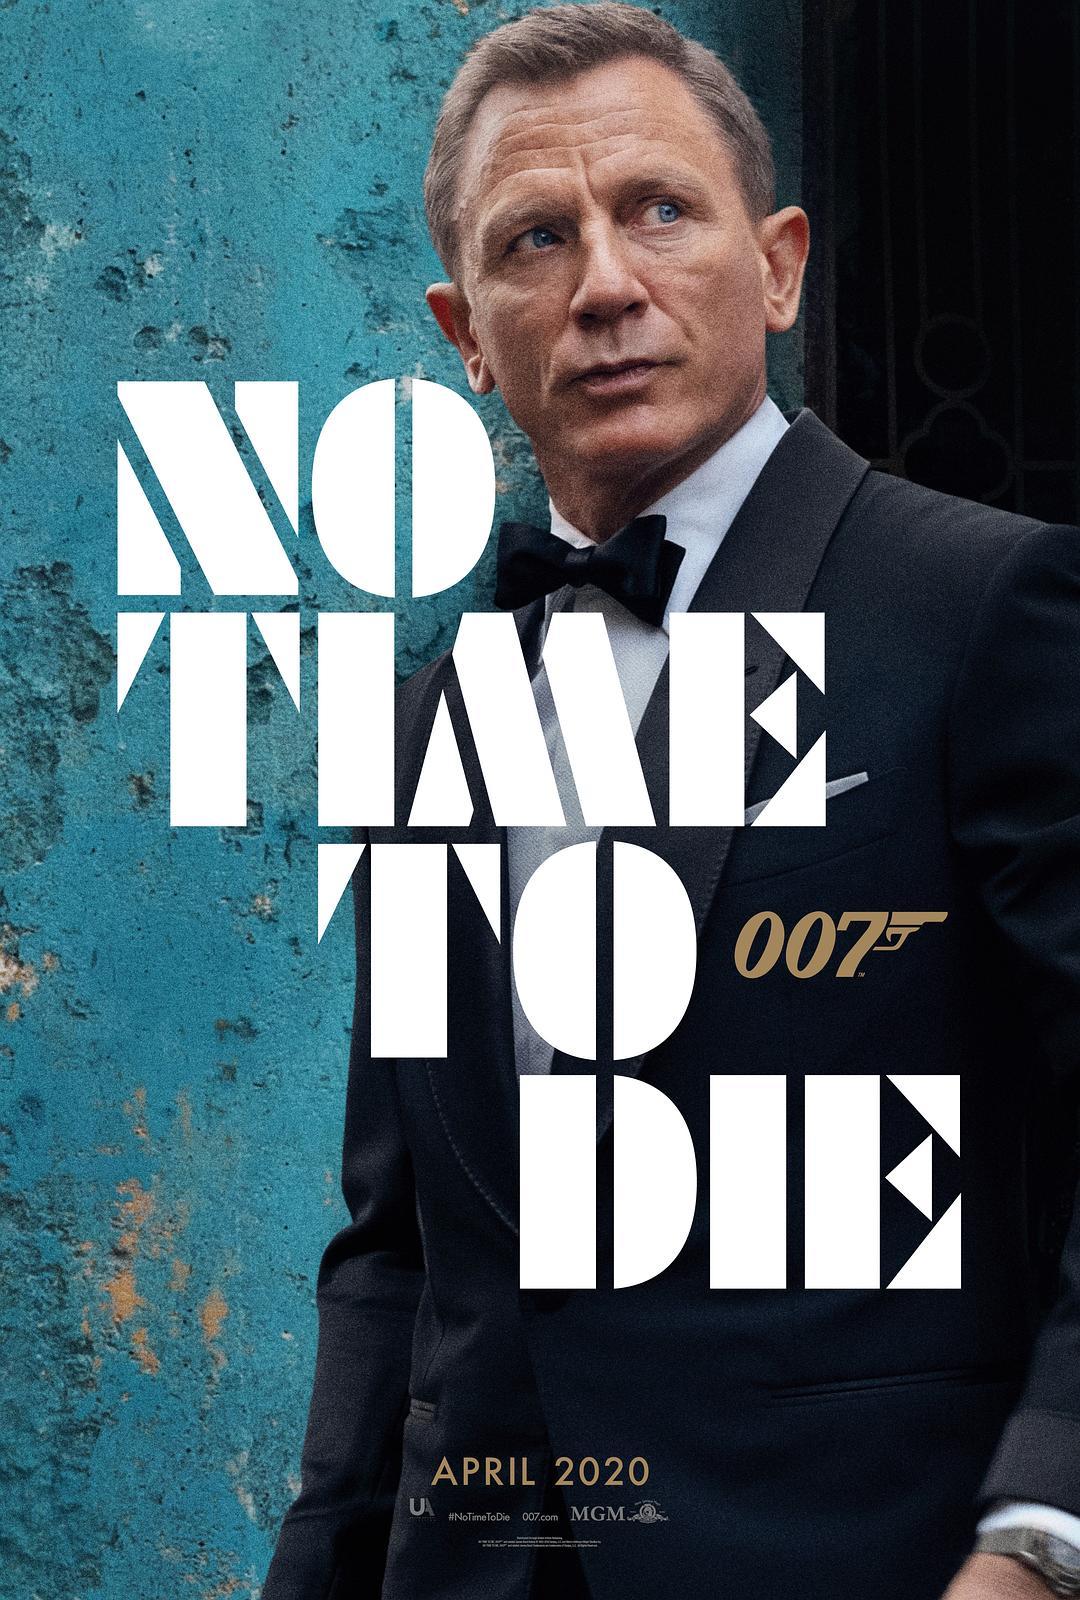 【电影预告】007:无暇赴死 No Time to Die 2021-04-2 英国上映